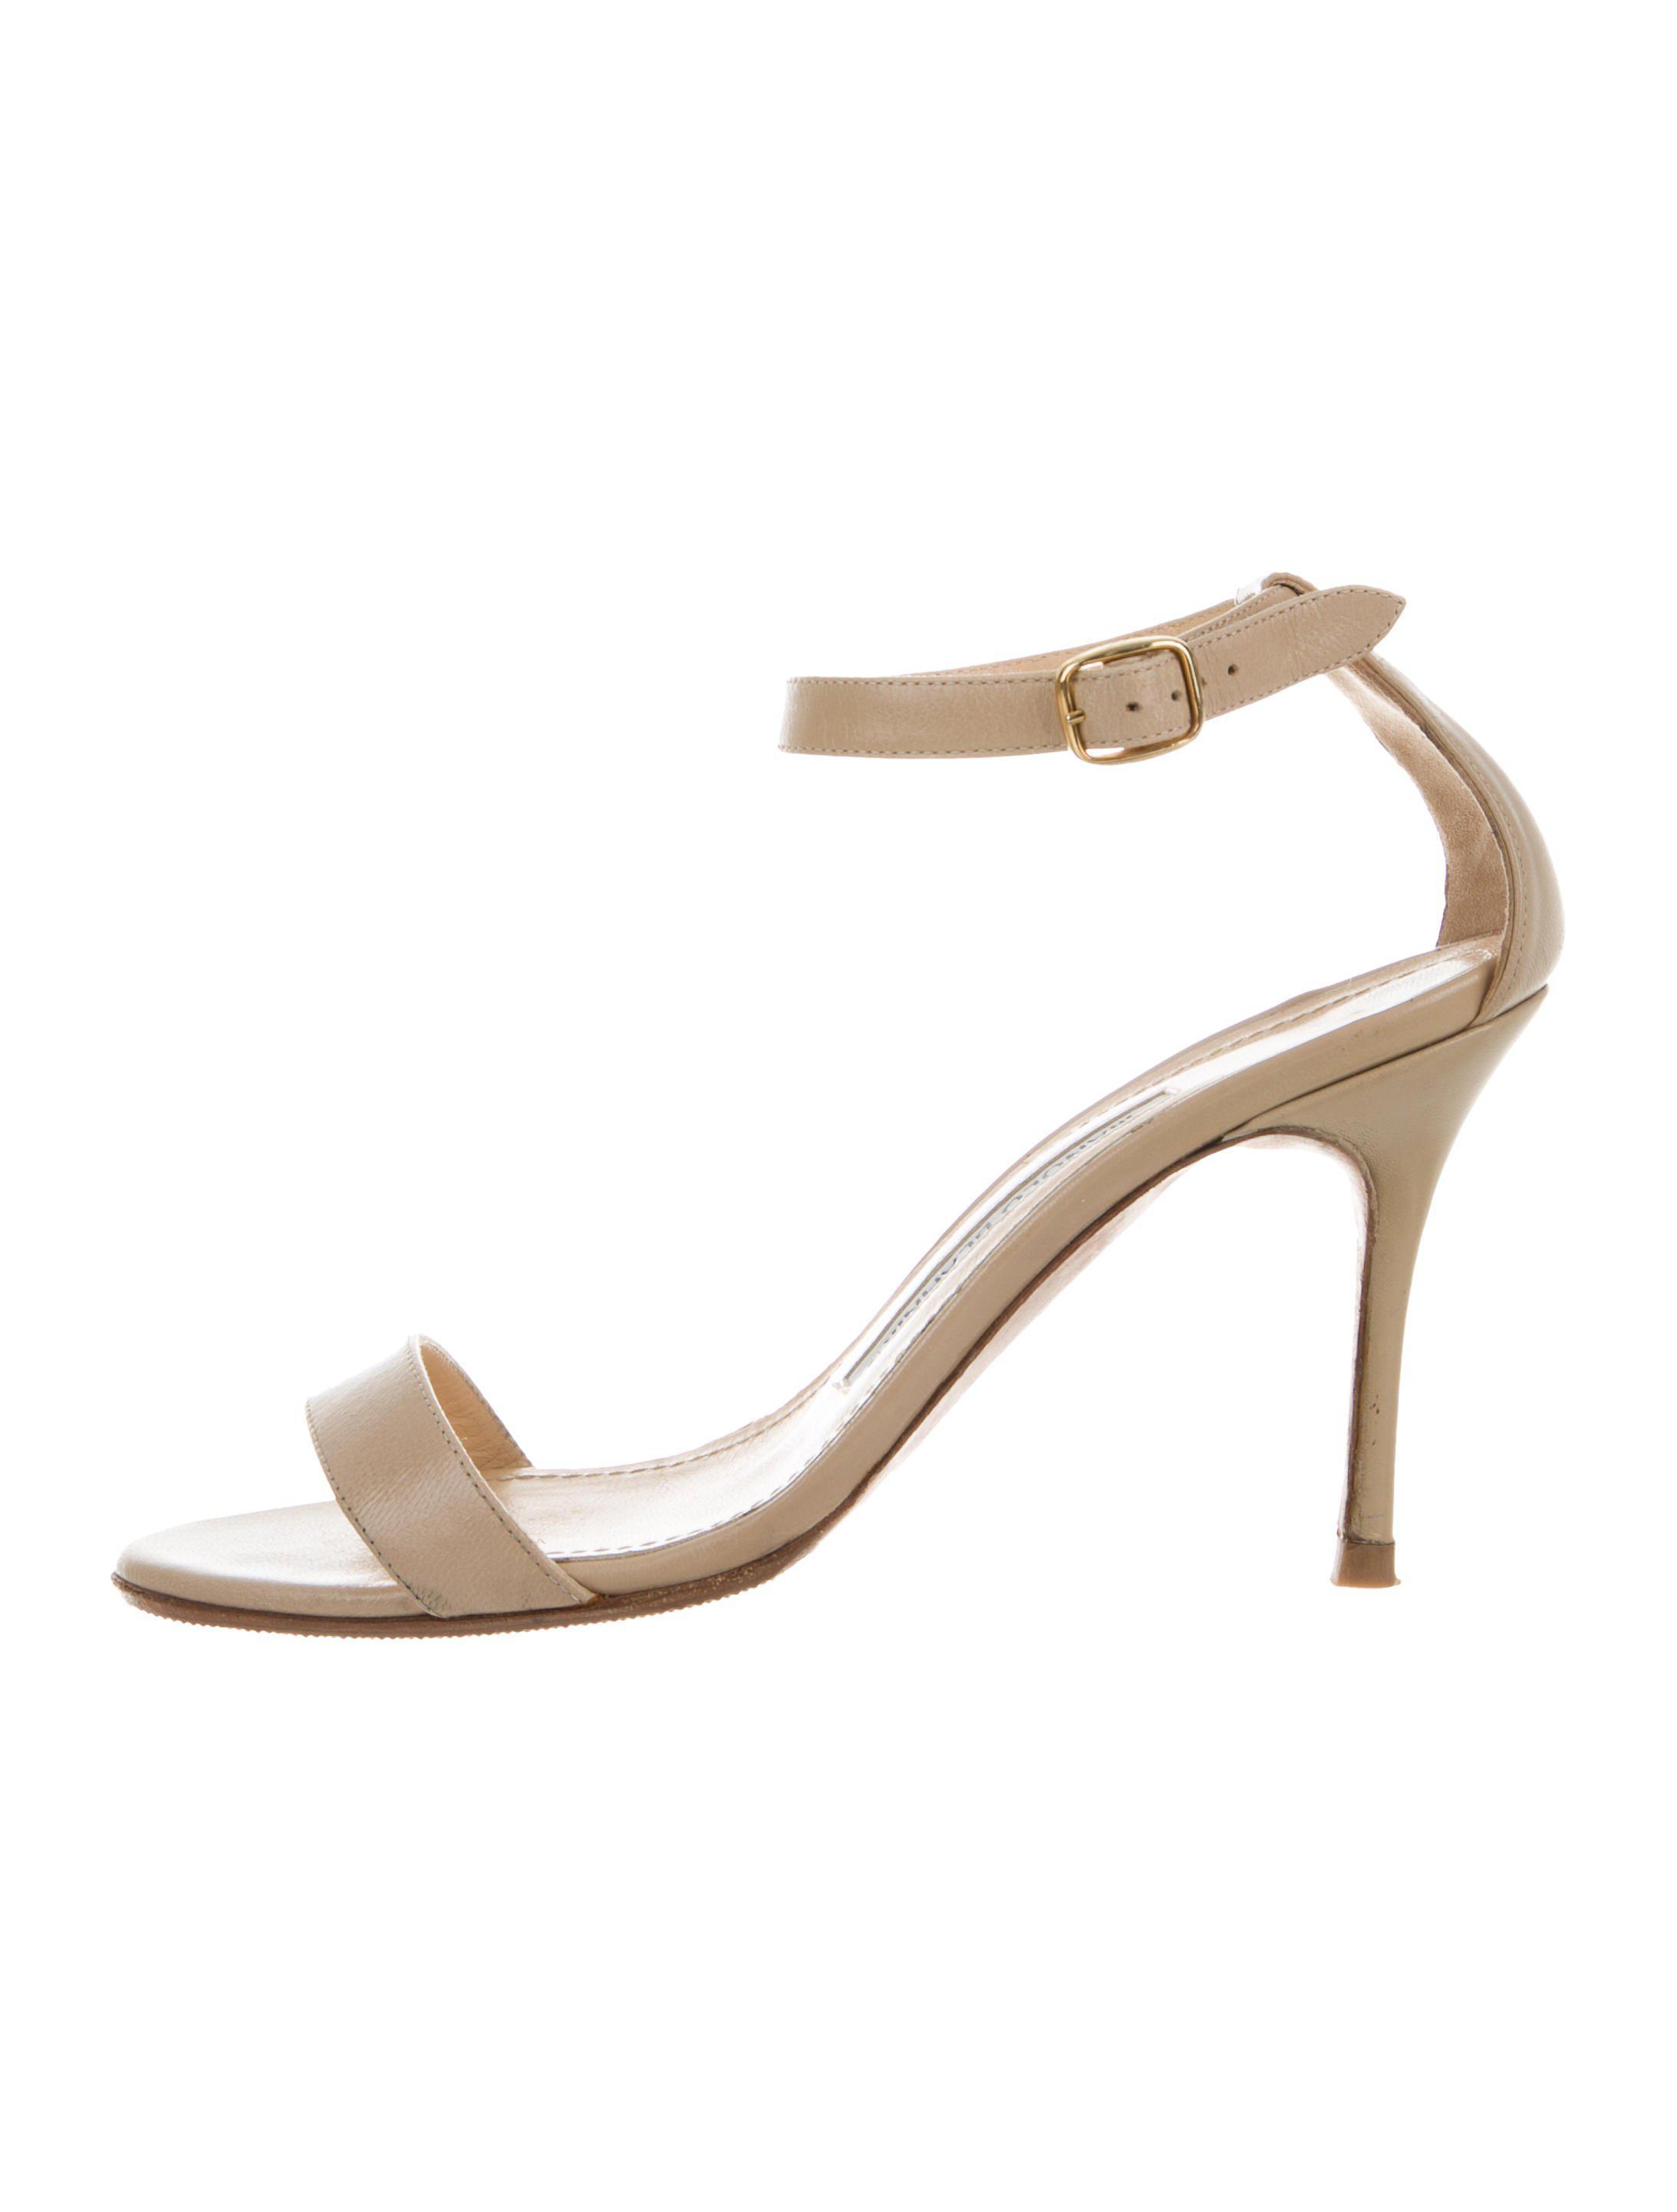 5090f63159b Lyst - Manolo Blahnik Mid-heel Strap Sandals Tan in Metallic